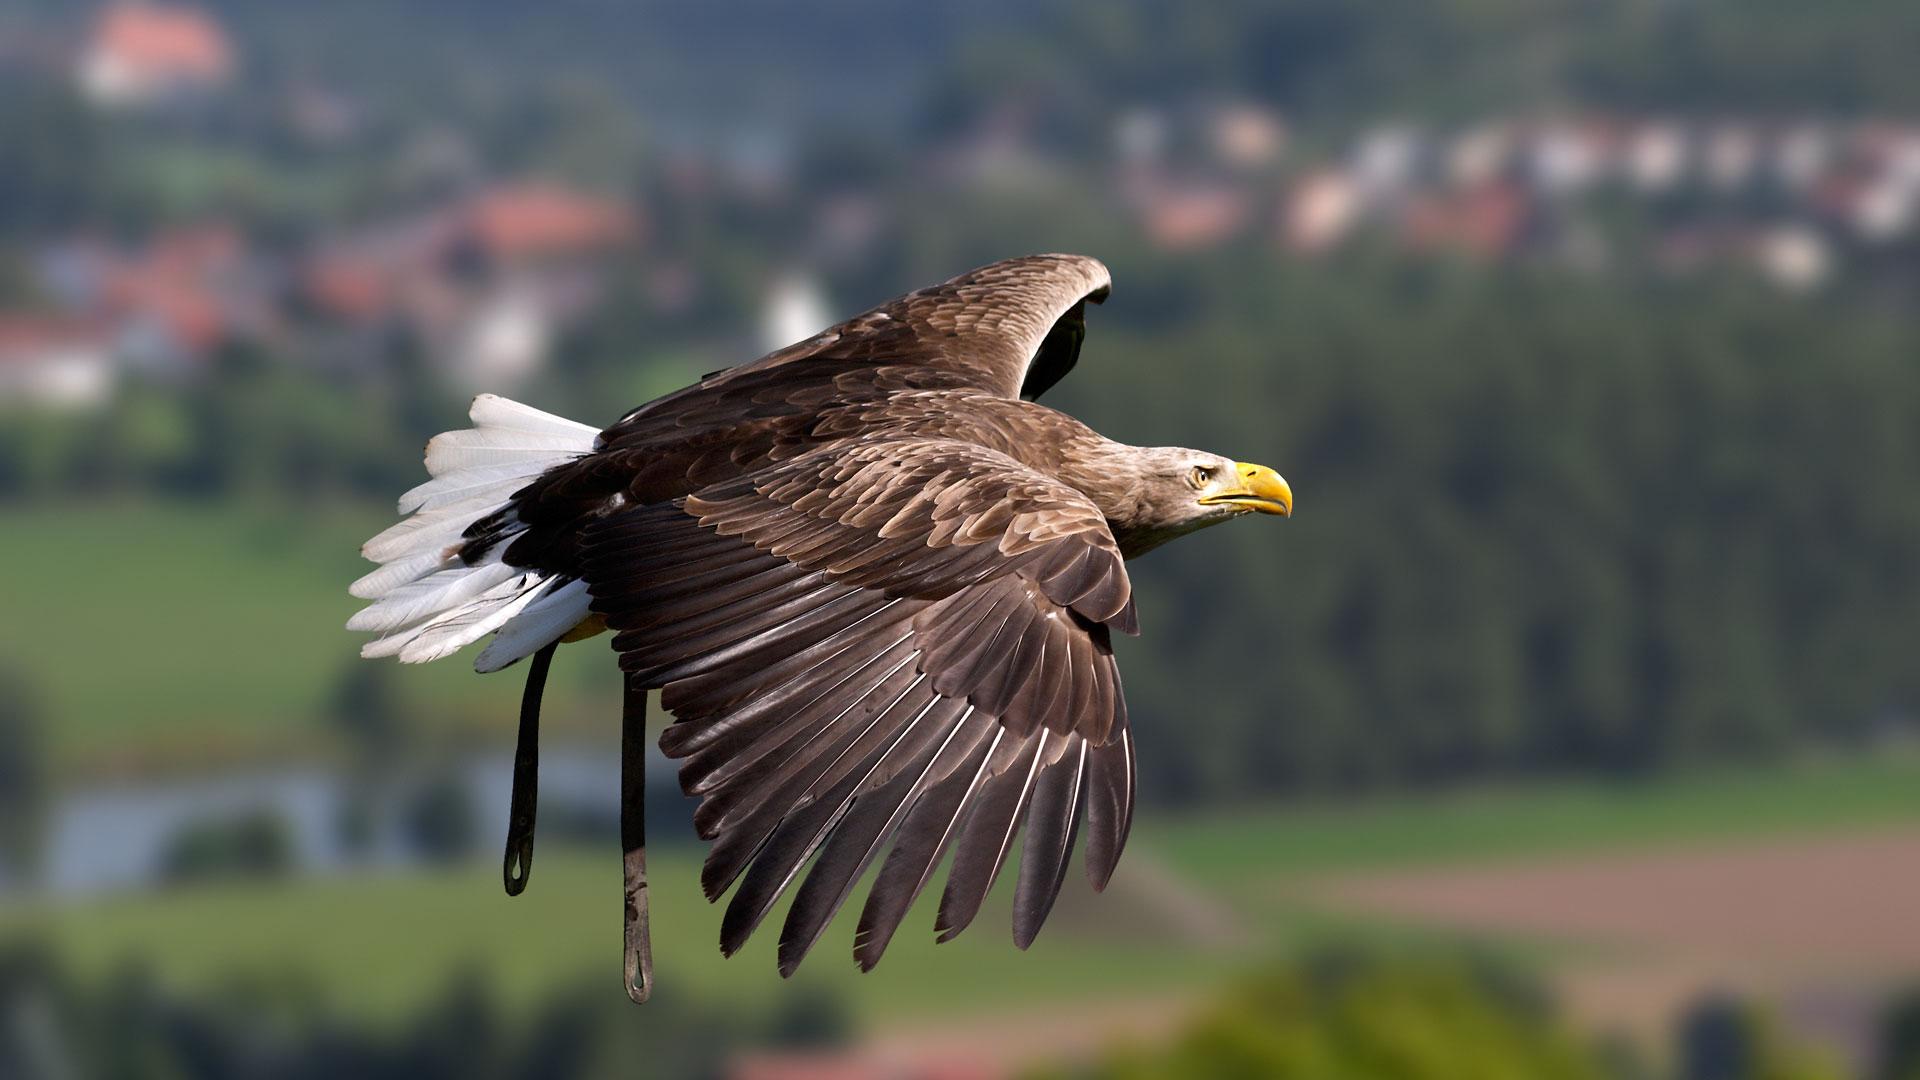 орел фото птицы в полете нанесение изображений промо